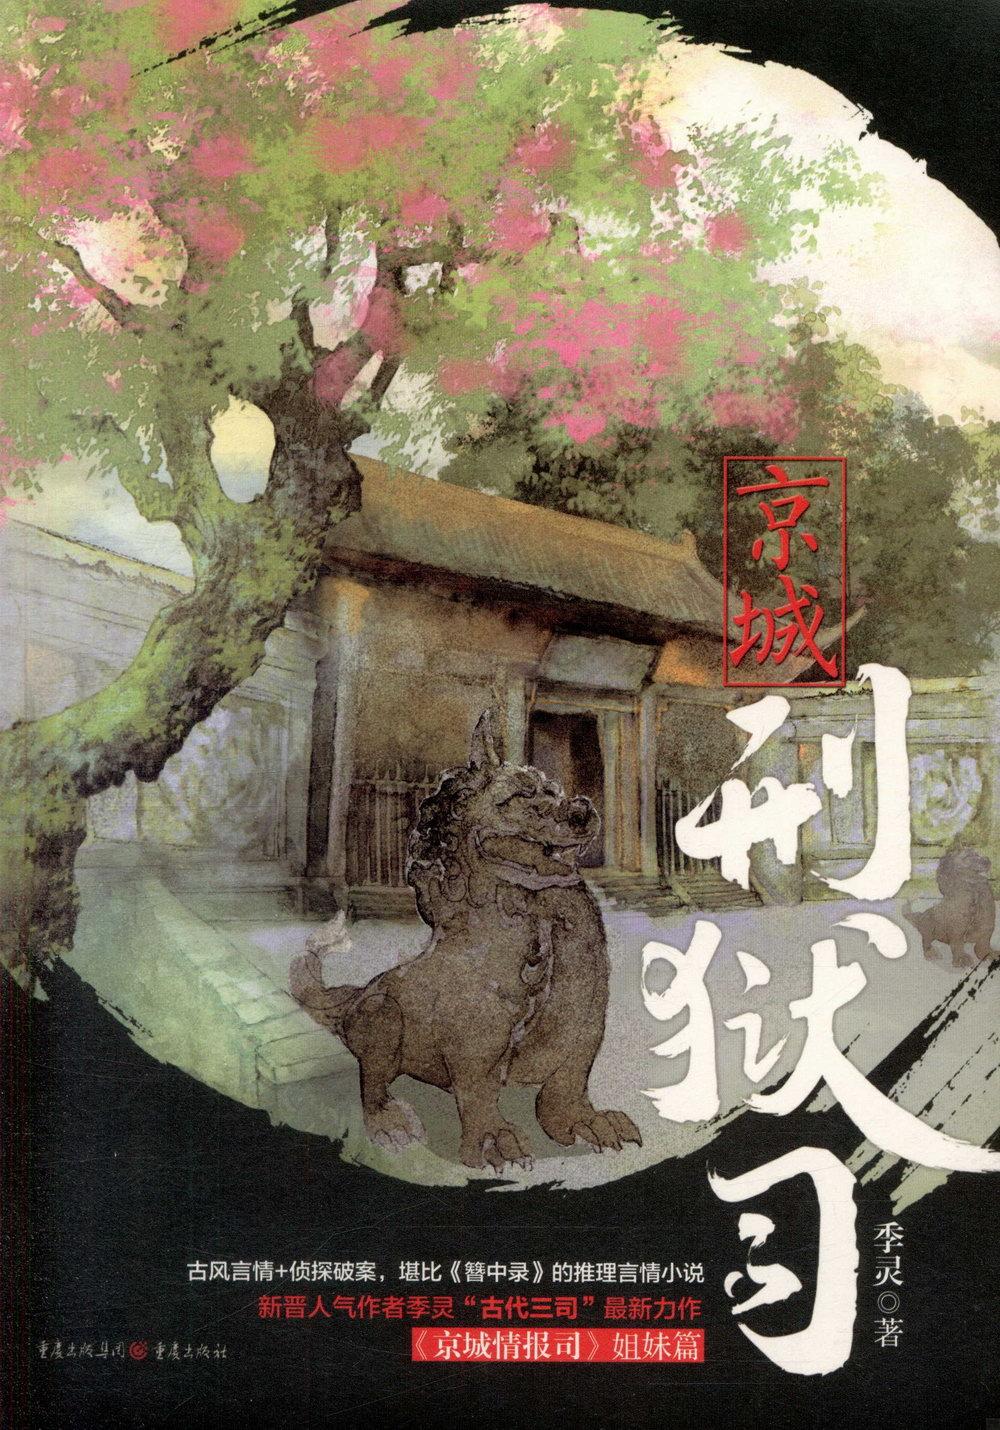 京城刑獄司